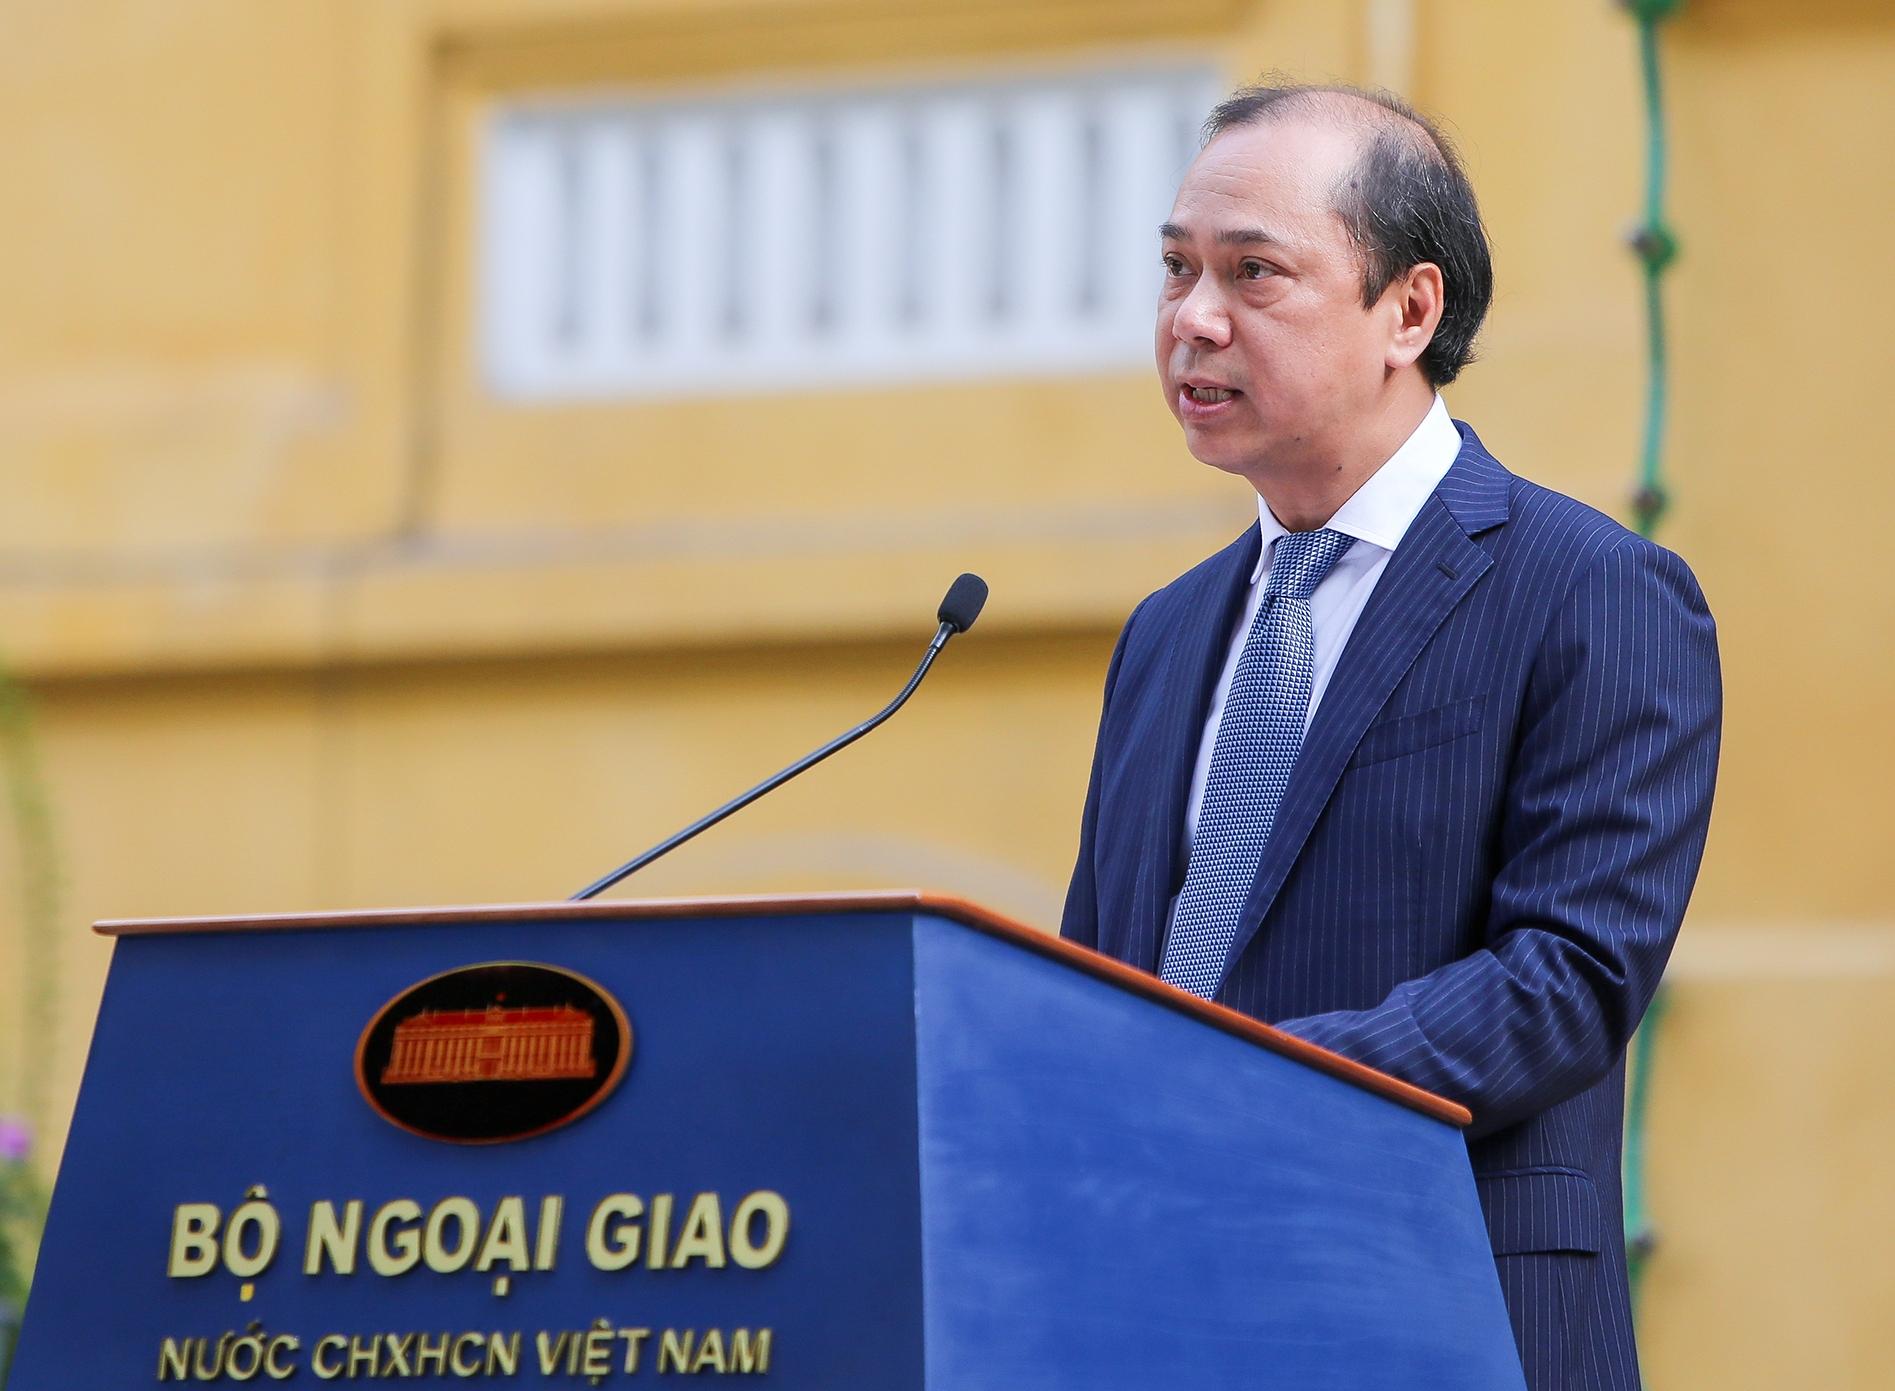 Thứ trưởng Bộ Ngoại giao Nguyễn Quốc Dũng phát biểu tại buổi lễ. Ảnh: VGP/Hải Minh